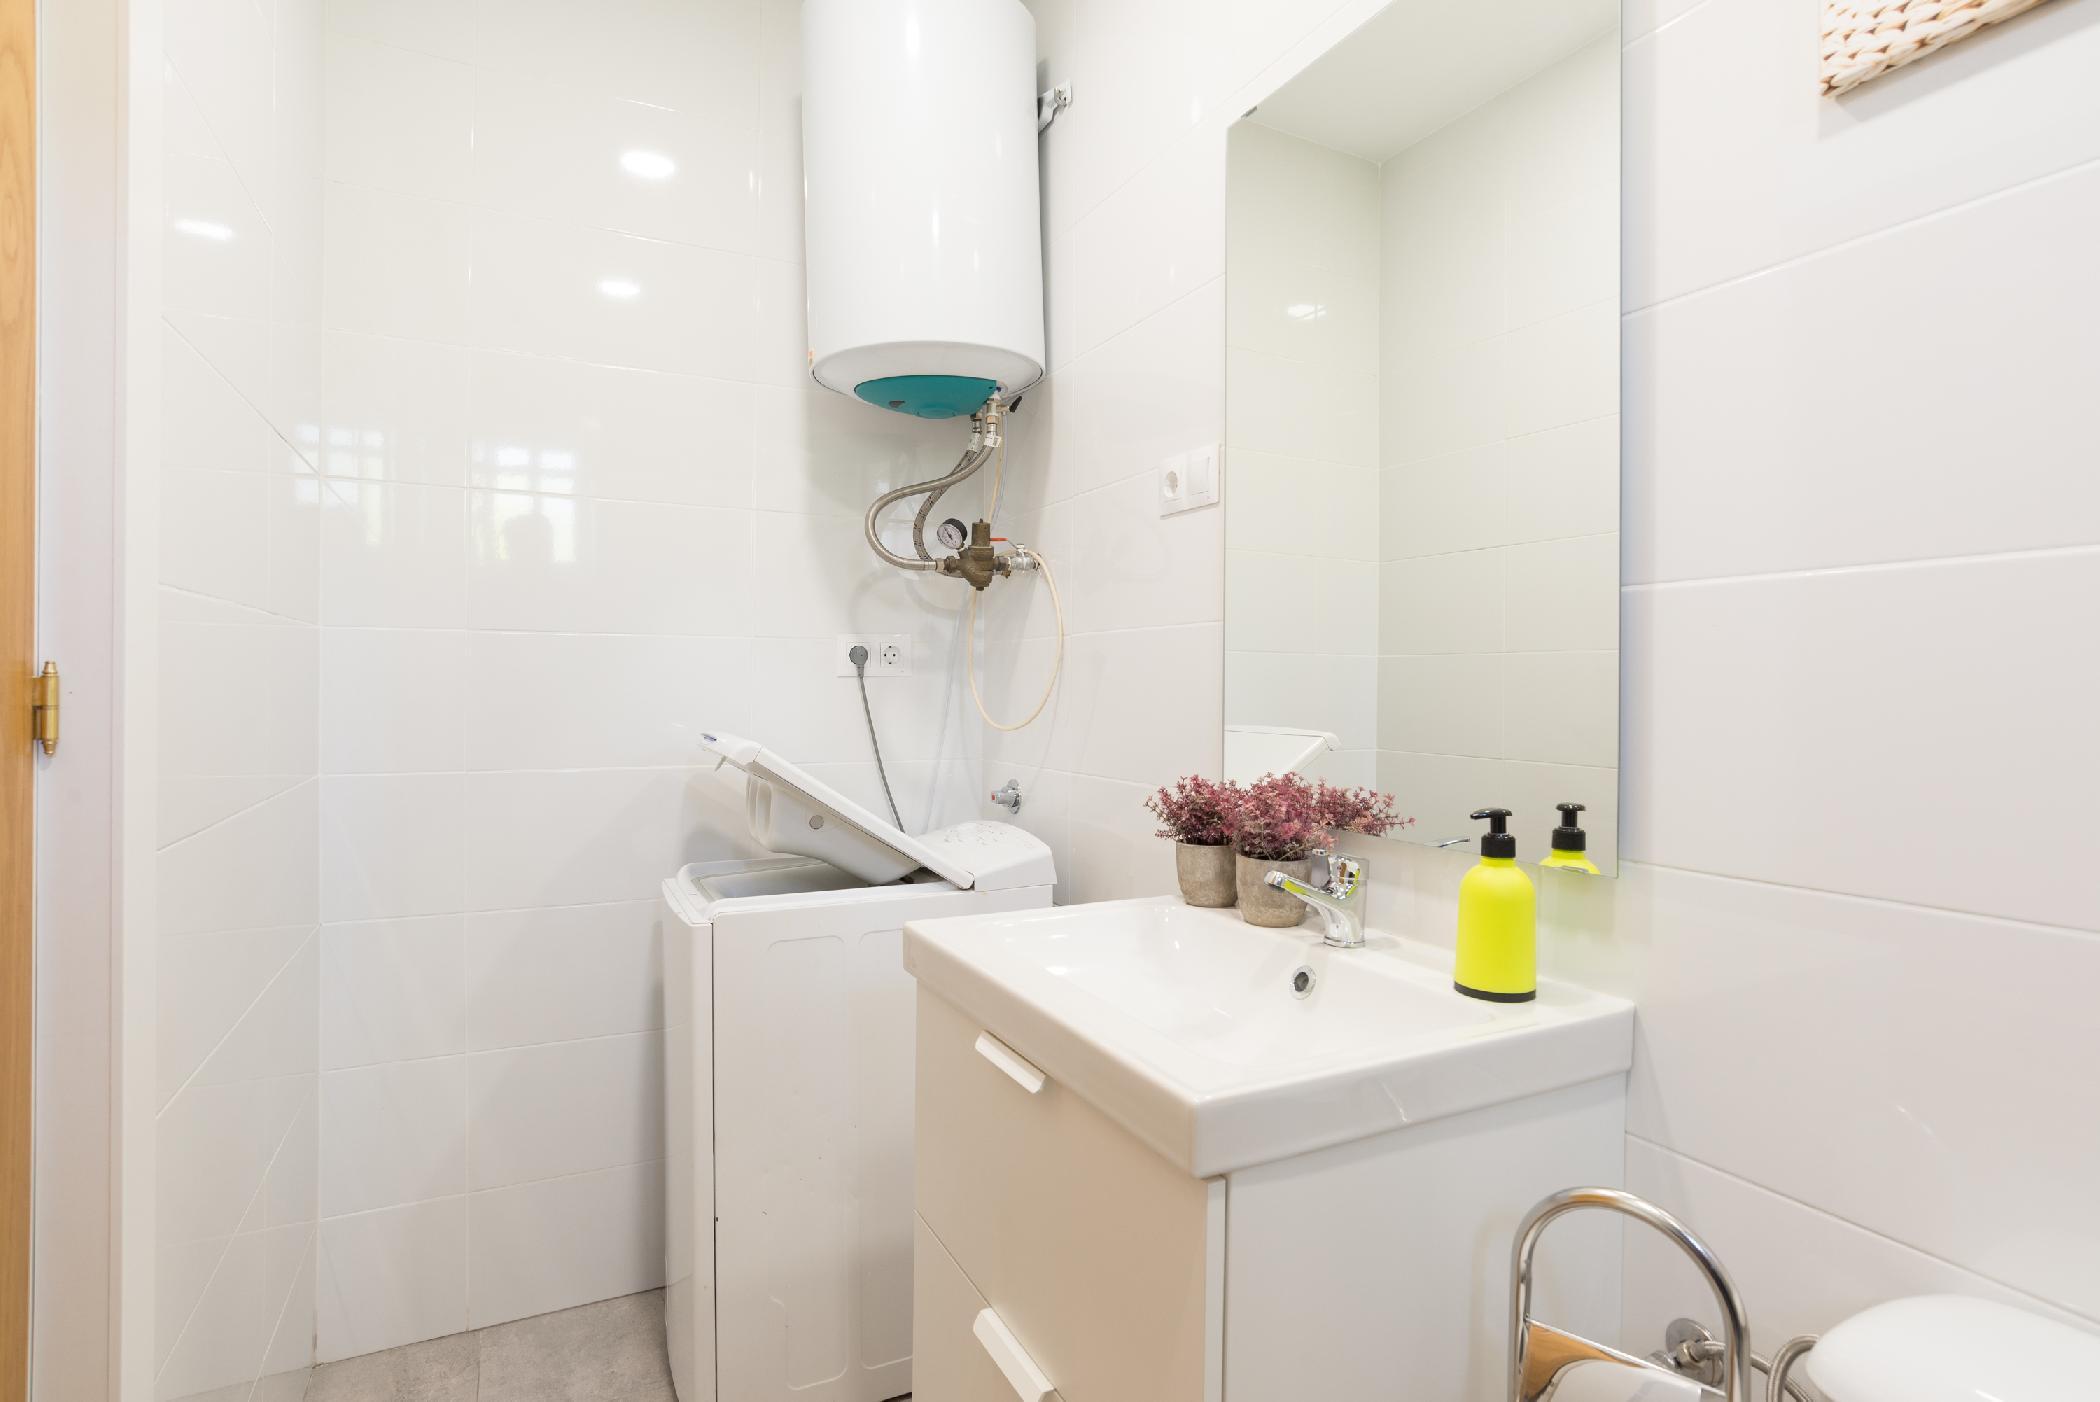 Apartment MalagaSuite Cozy Apartment in Benalmadena photo 14653442